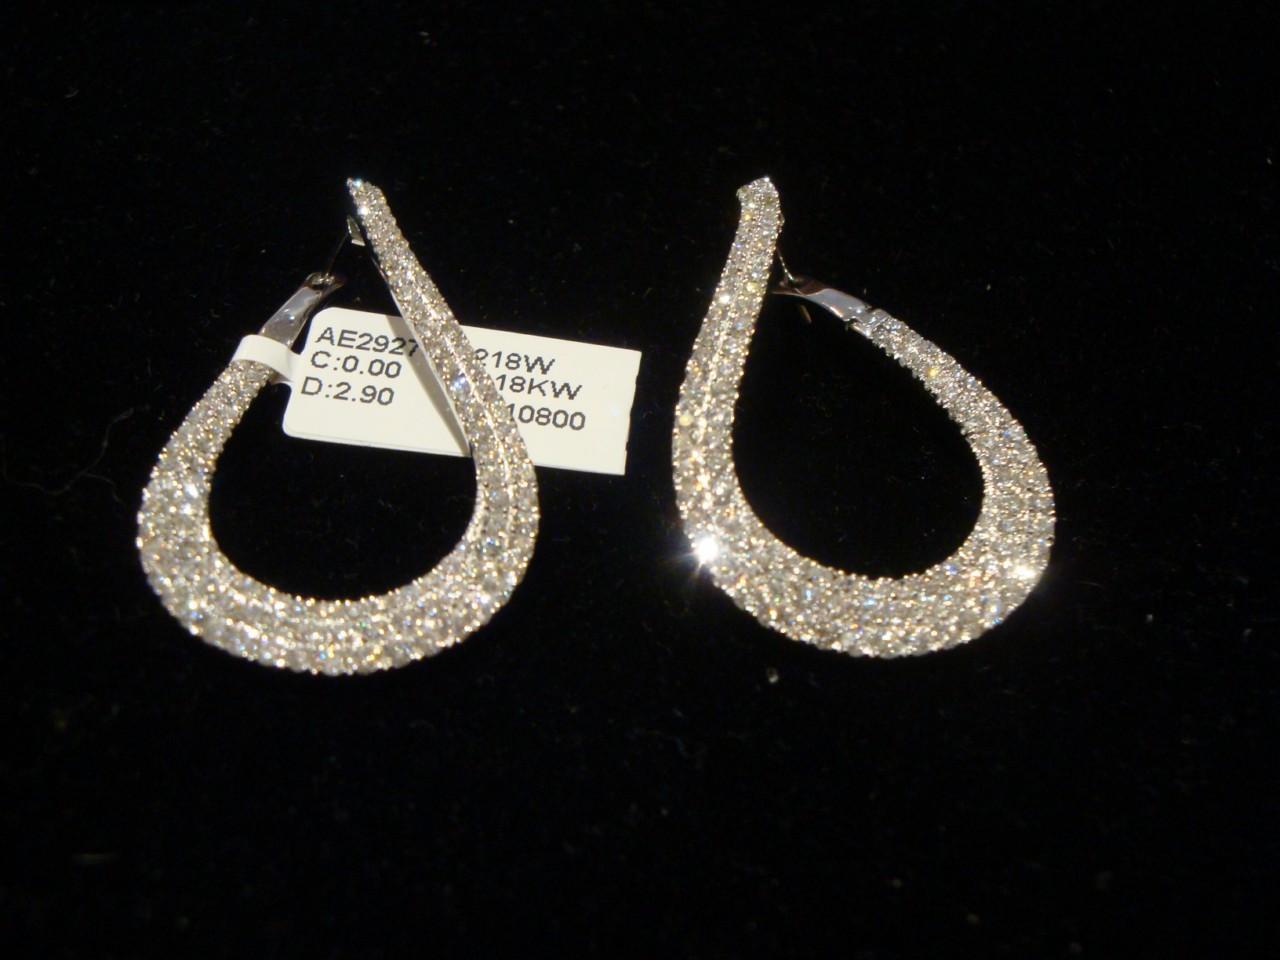 LAST DAYS 50% OFF   10800 MAGNIFICENT 18KT 3CT FANCY DIAMOND CHANDELIER EARRINGS